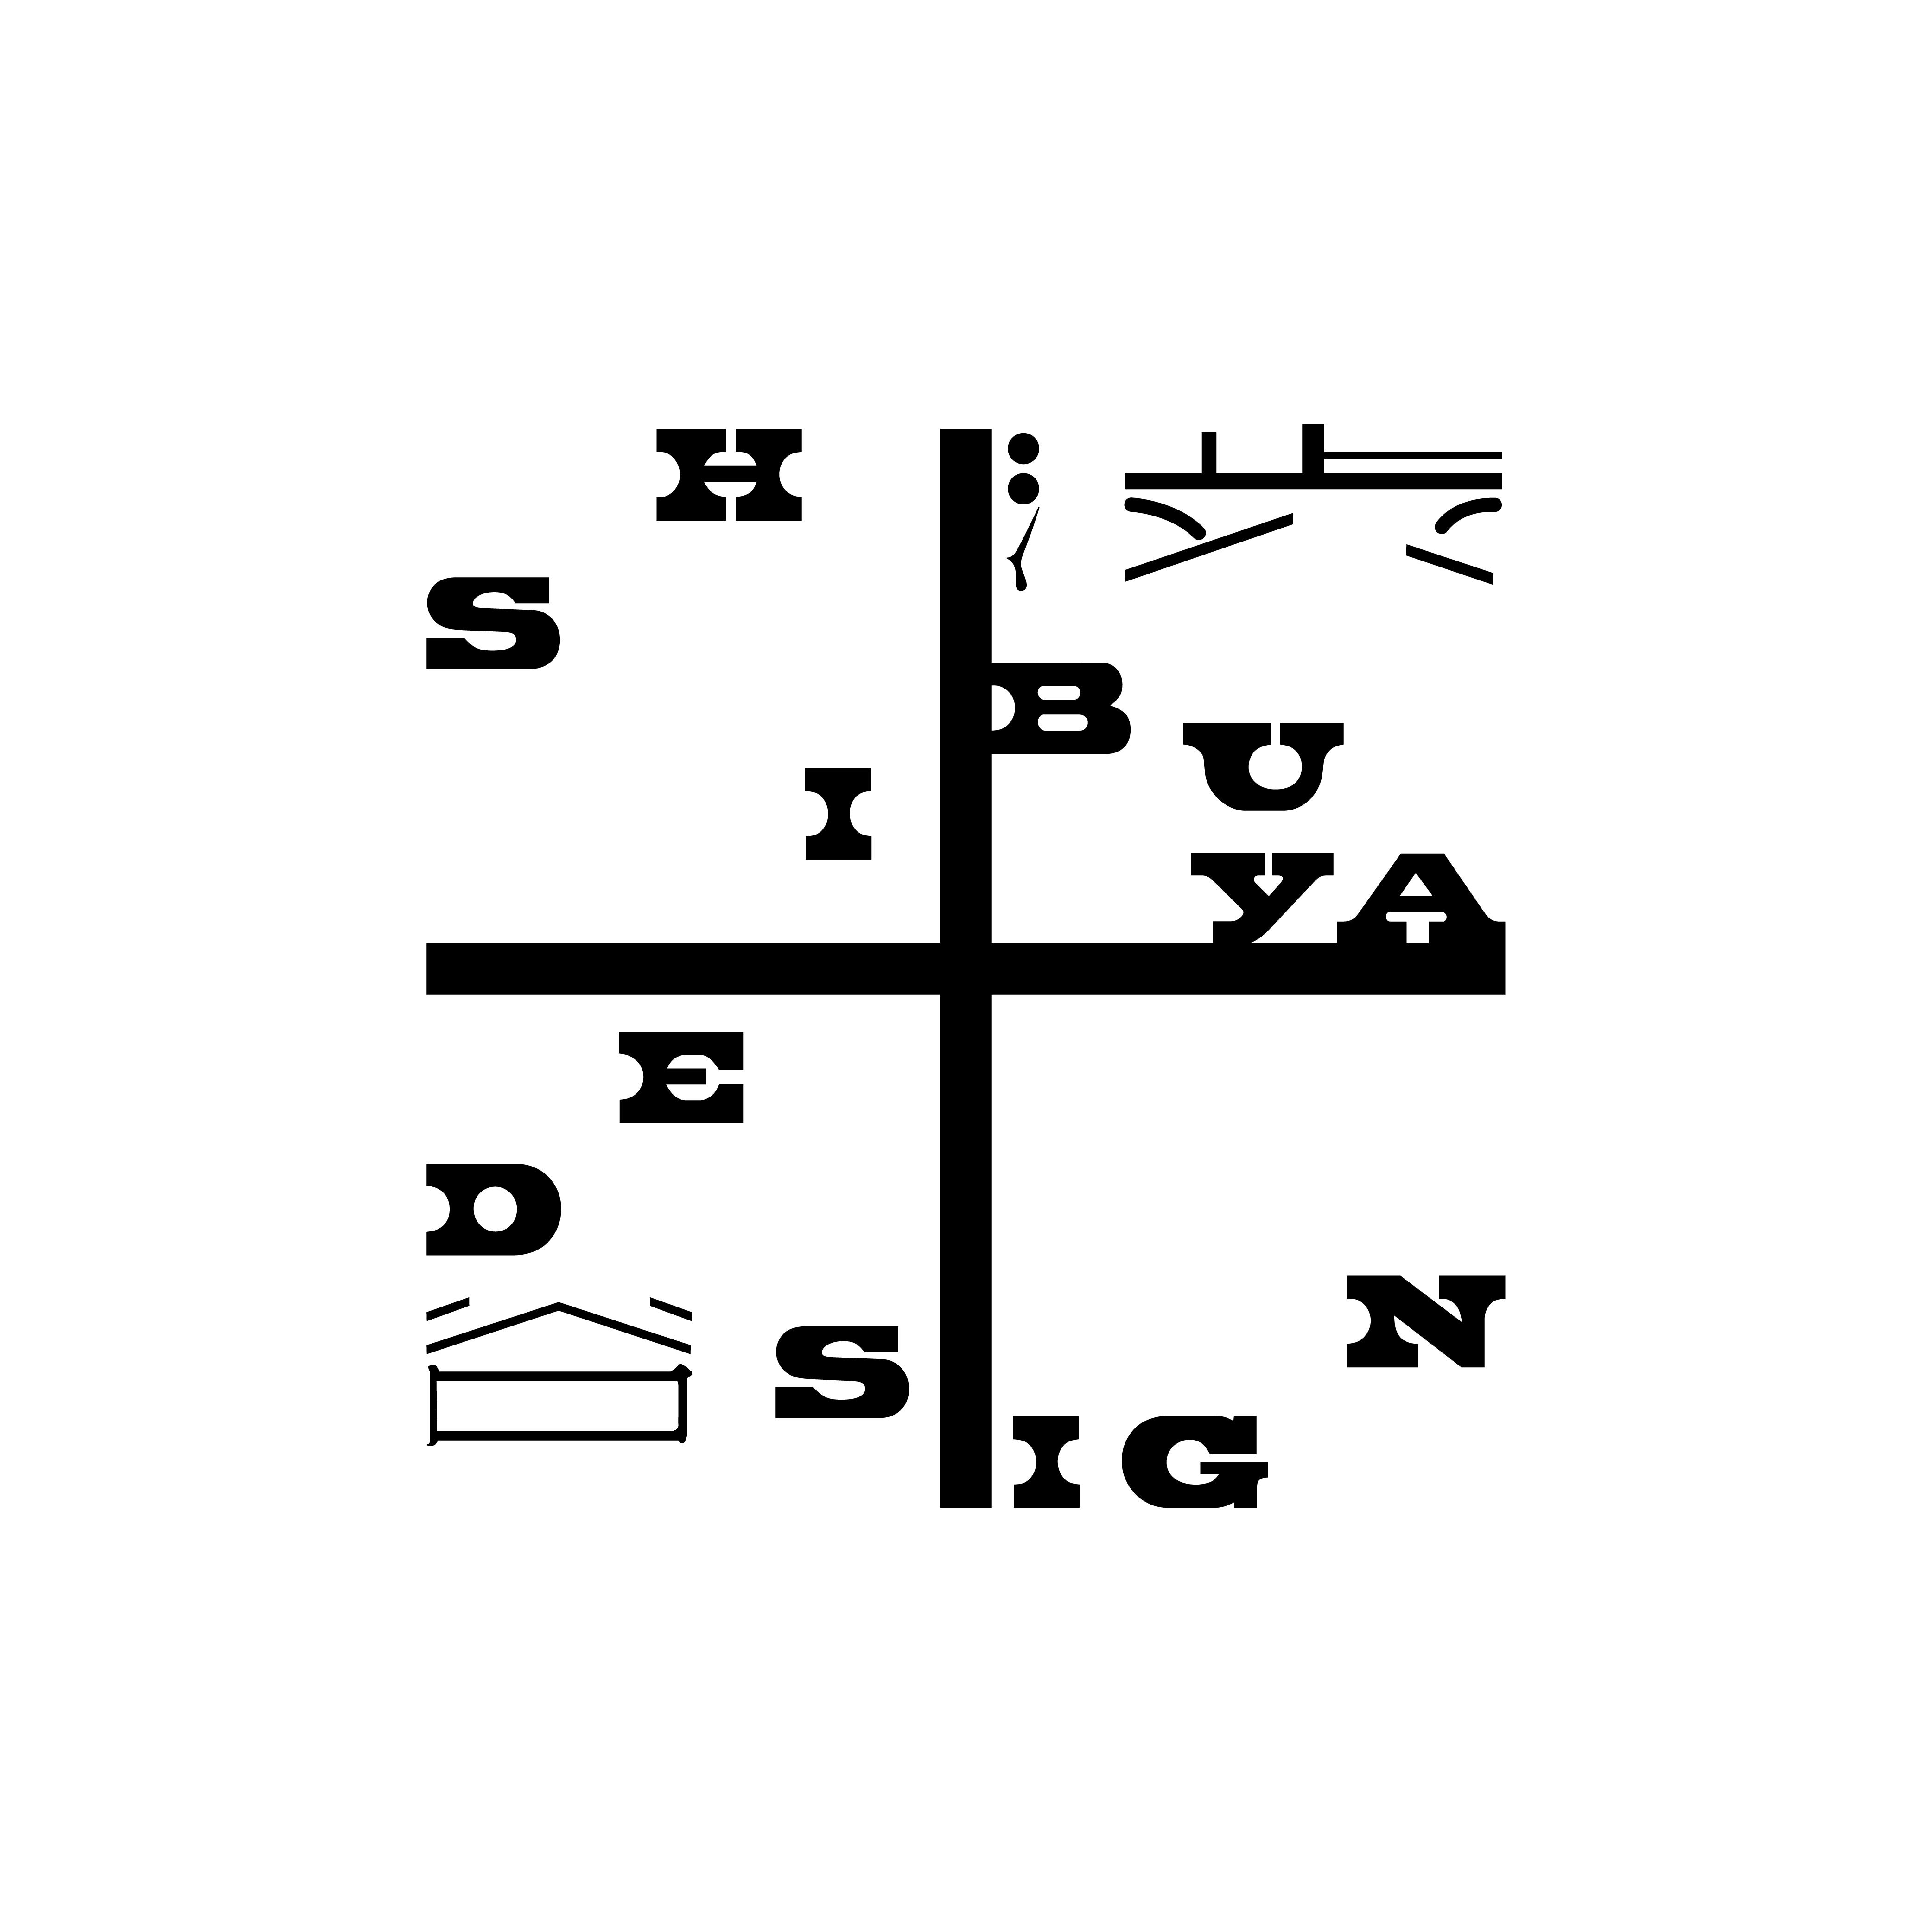 渋谷のカルチャー、デザインを発信する新番組 J-WAVE『SHIBUYA DESIGN』スタート!渋谷パルコDGビル 10階「Pangaea Cafe & Bar」より毎週生放送